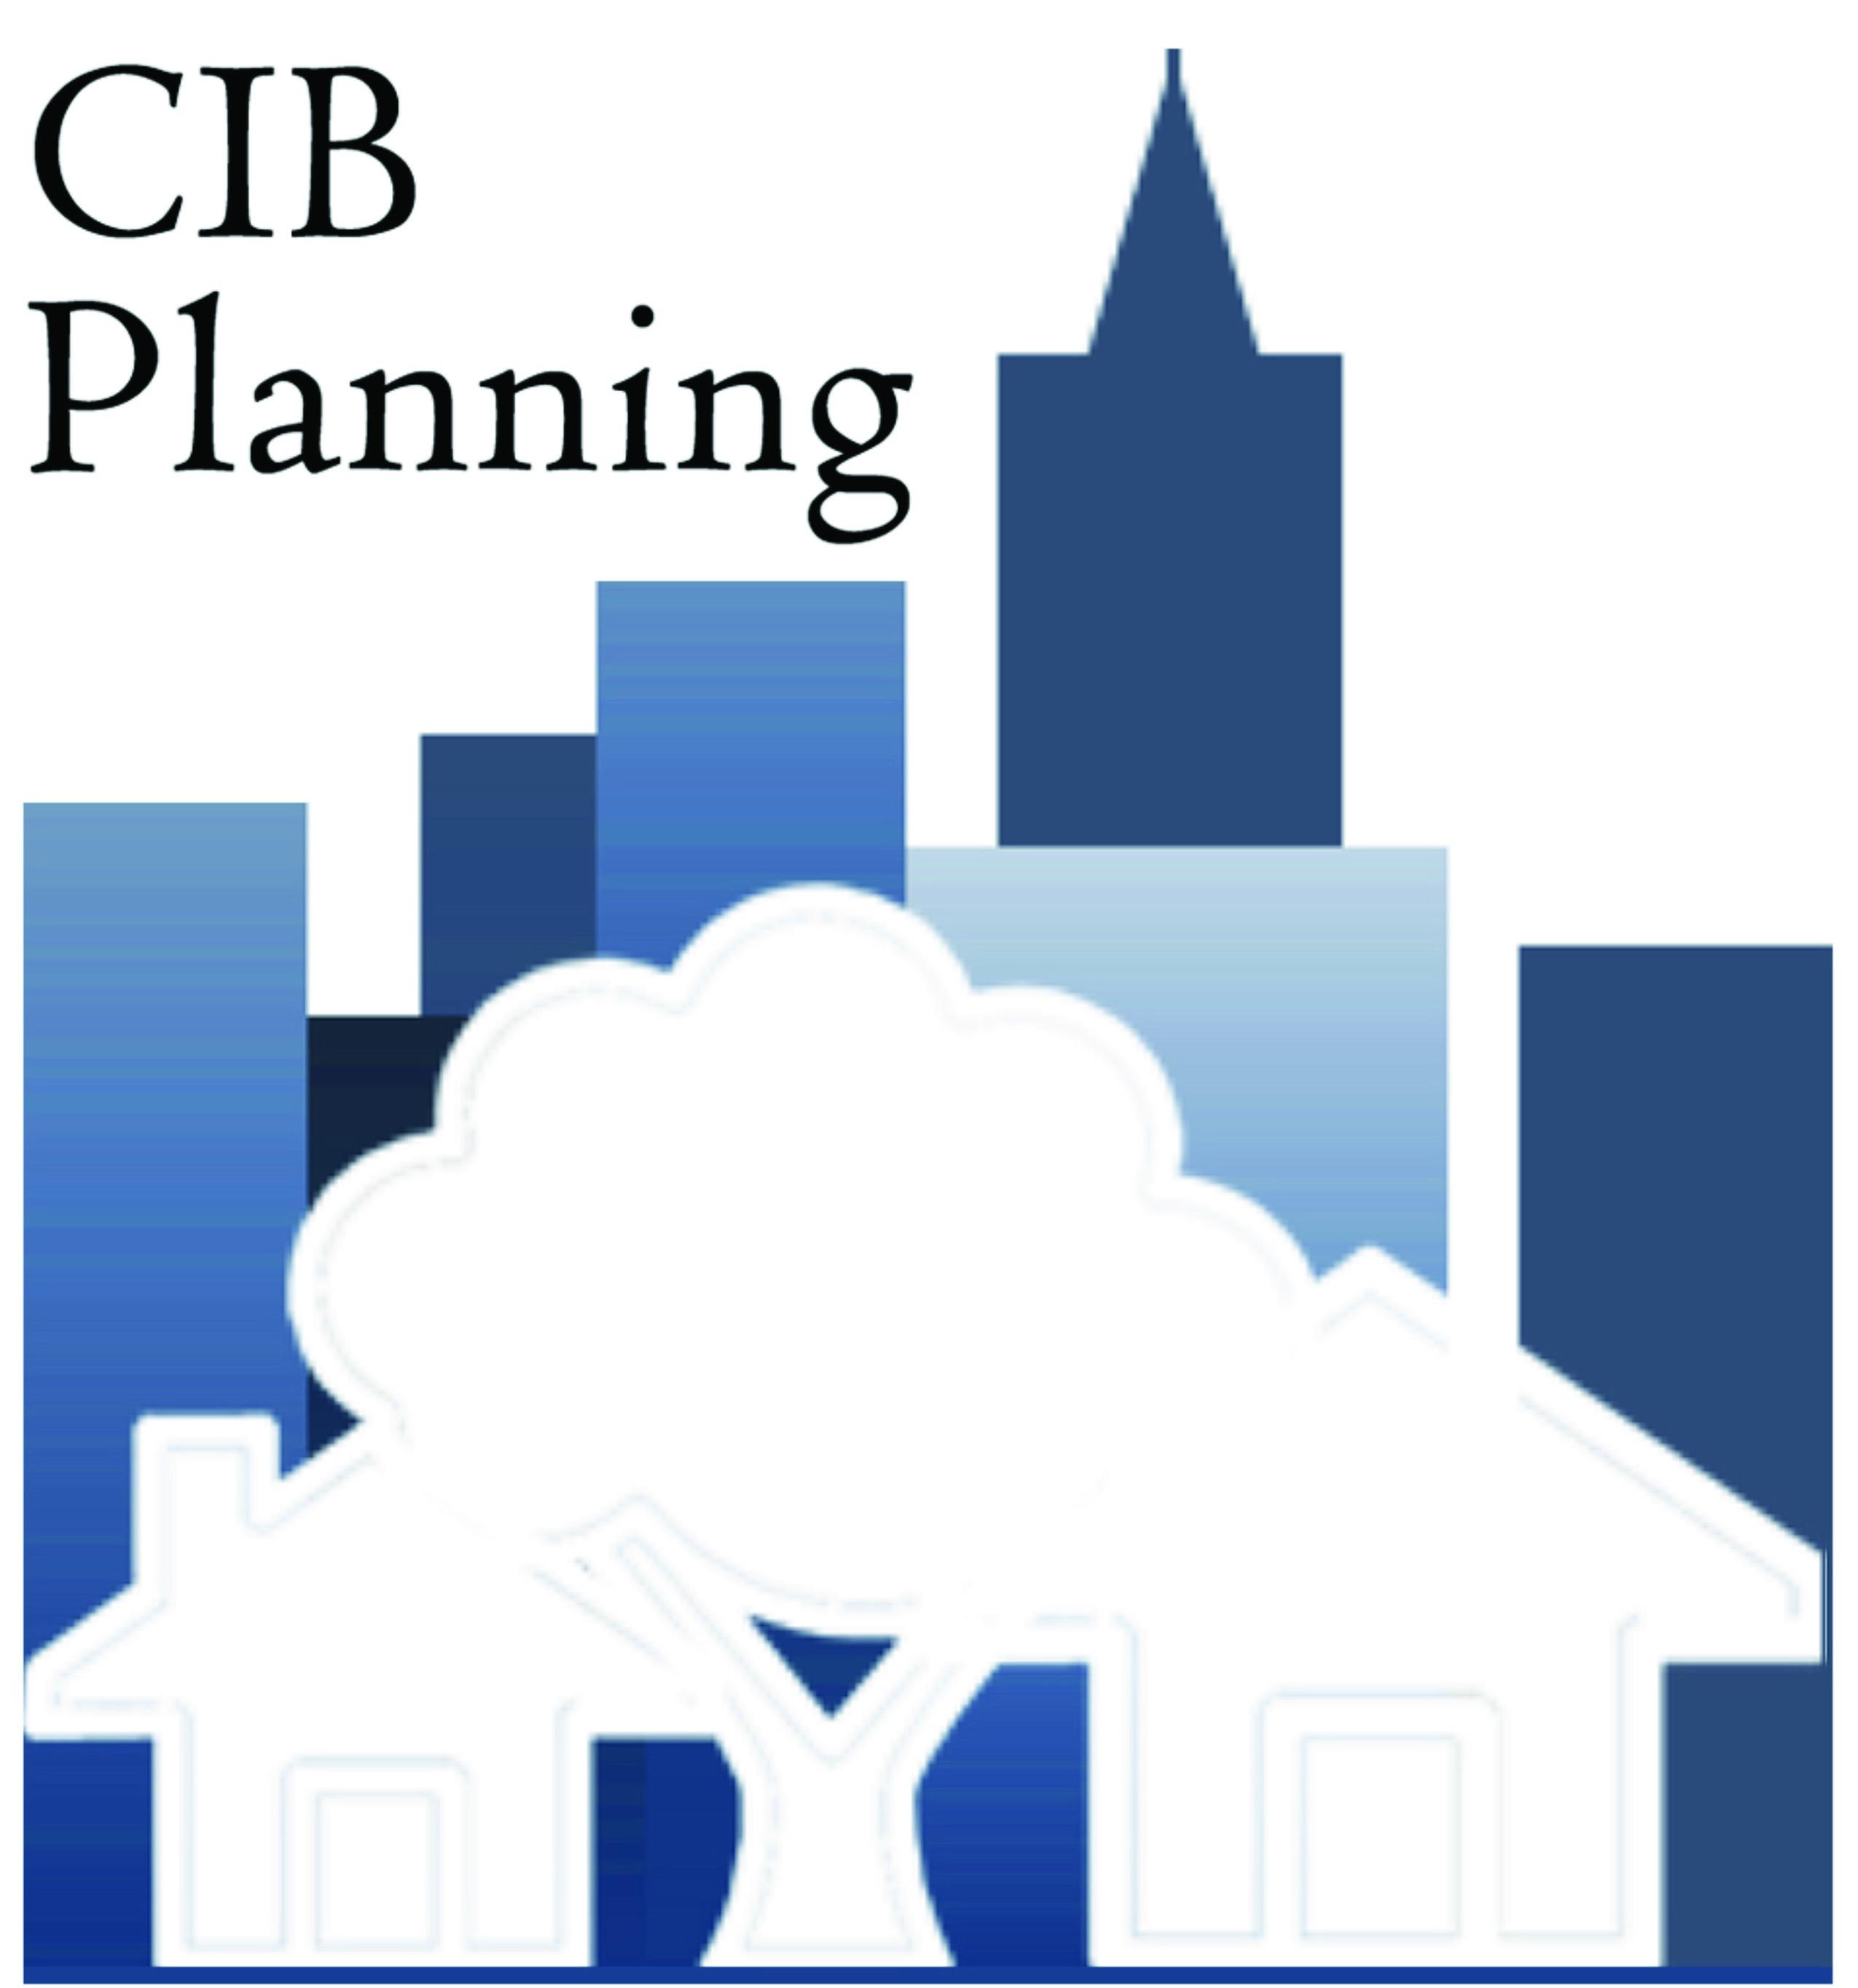 CIB Planning